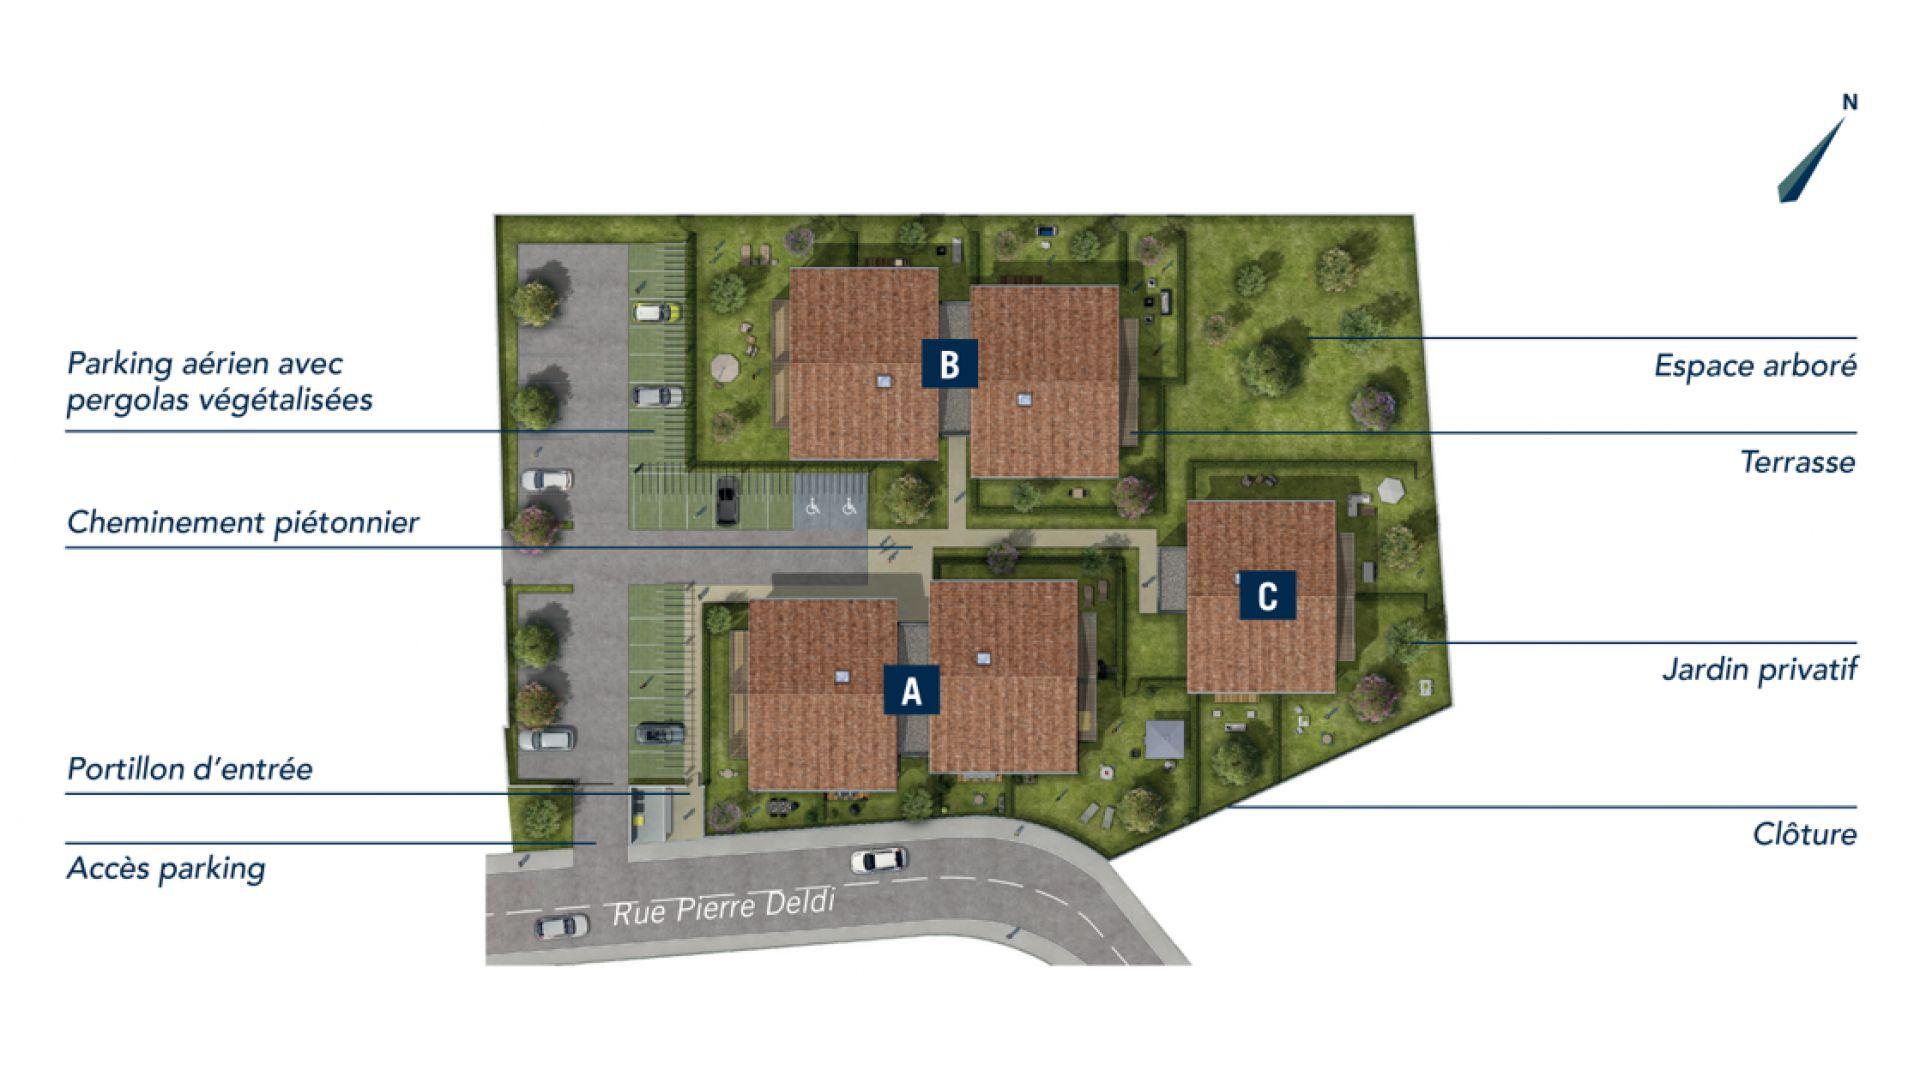 GreenCity immobilier - achat appartement neuf Toulouse Saint-Simon - 31100 - Résidence Val'oriane - T2 - T3 - T4 - plan de masse